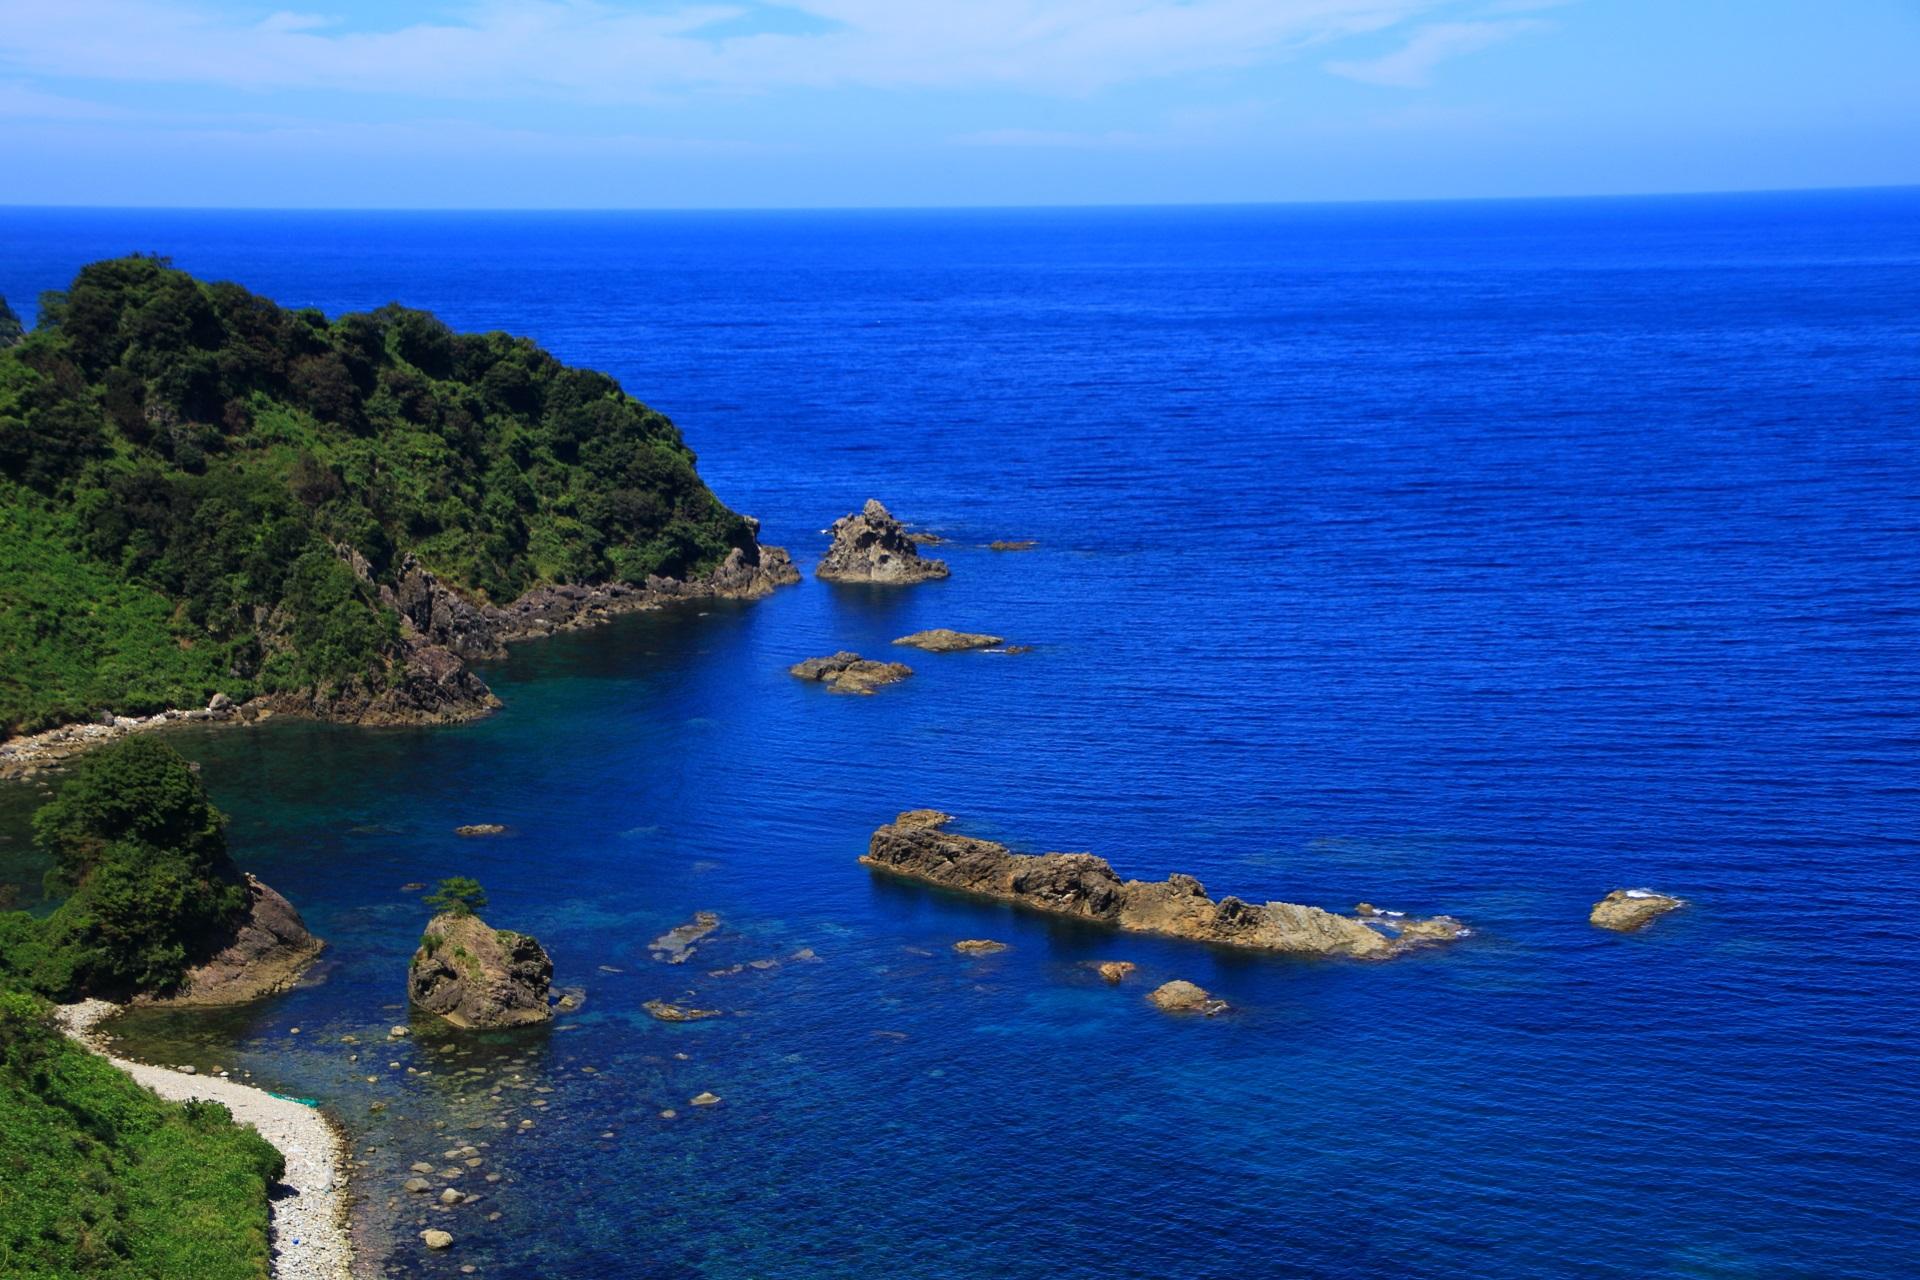 カマヤ海岸の一文字の細長い岩と不思議な海の光景